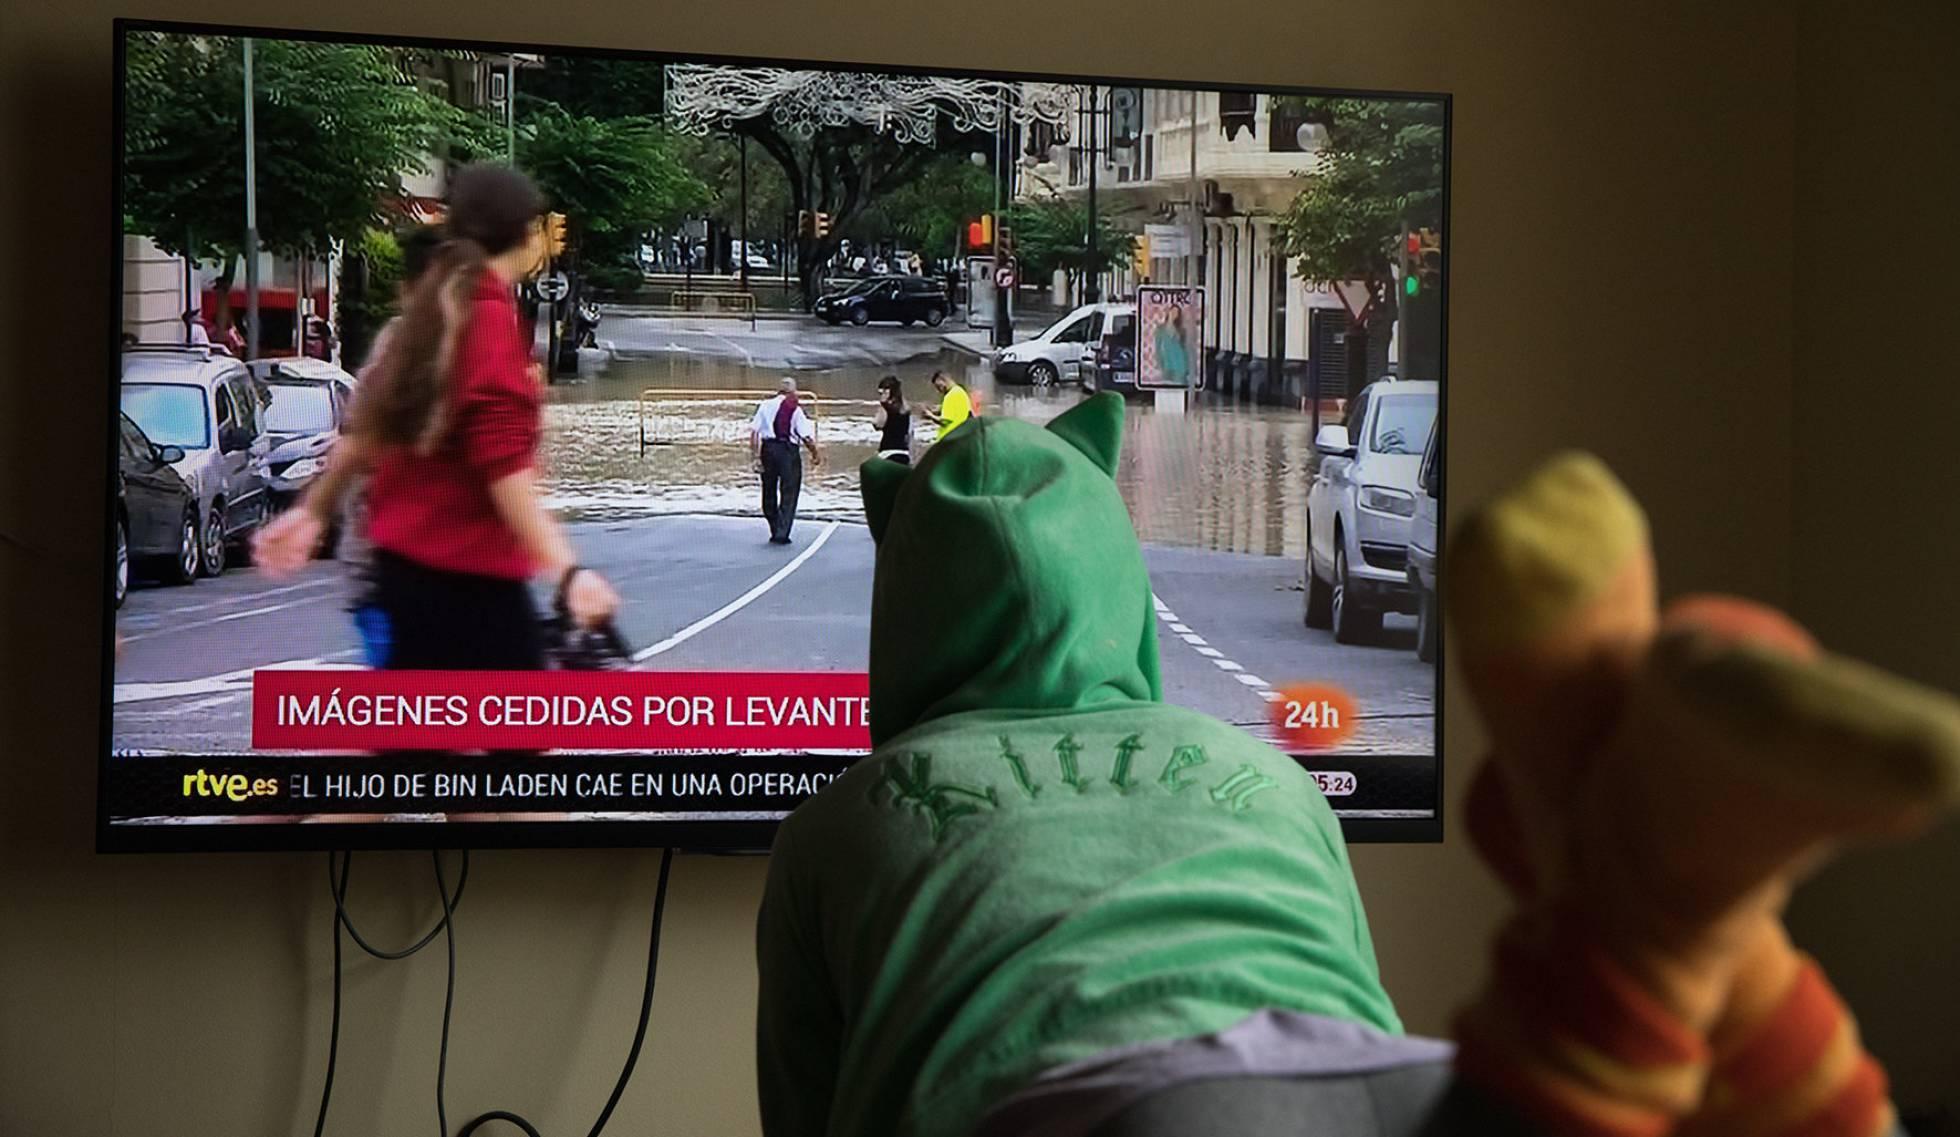 Noticias televisión